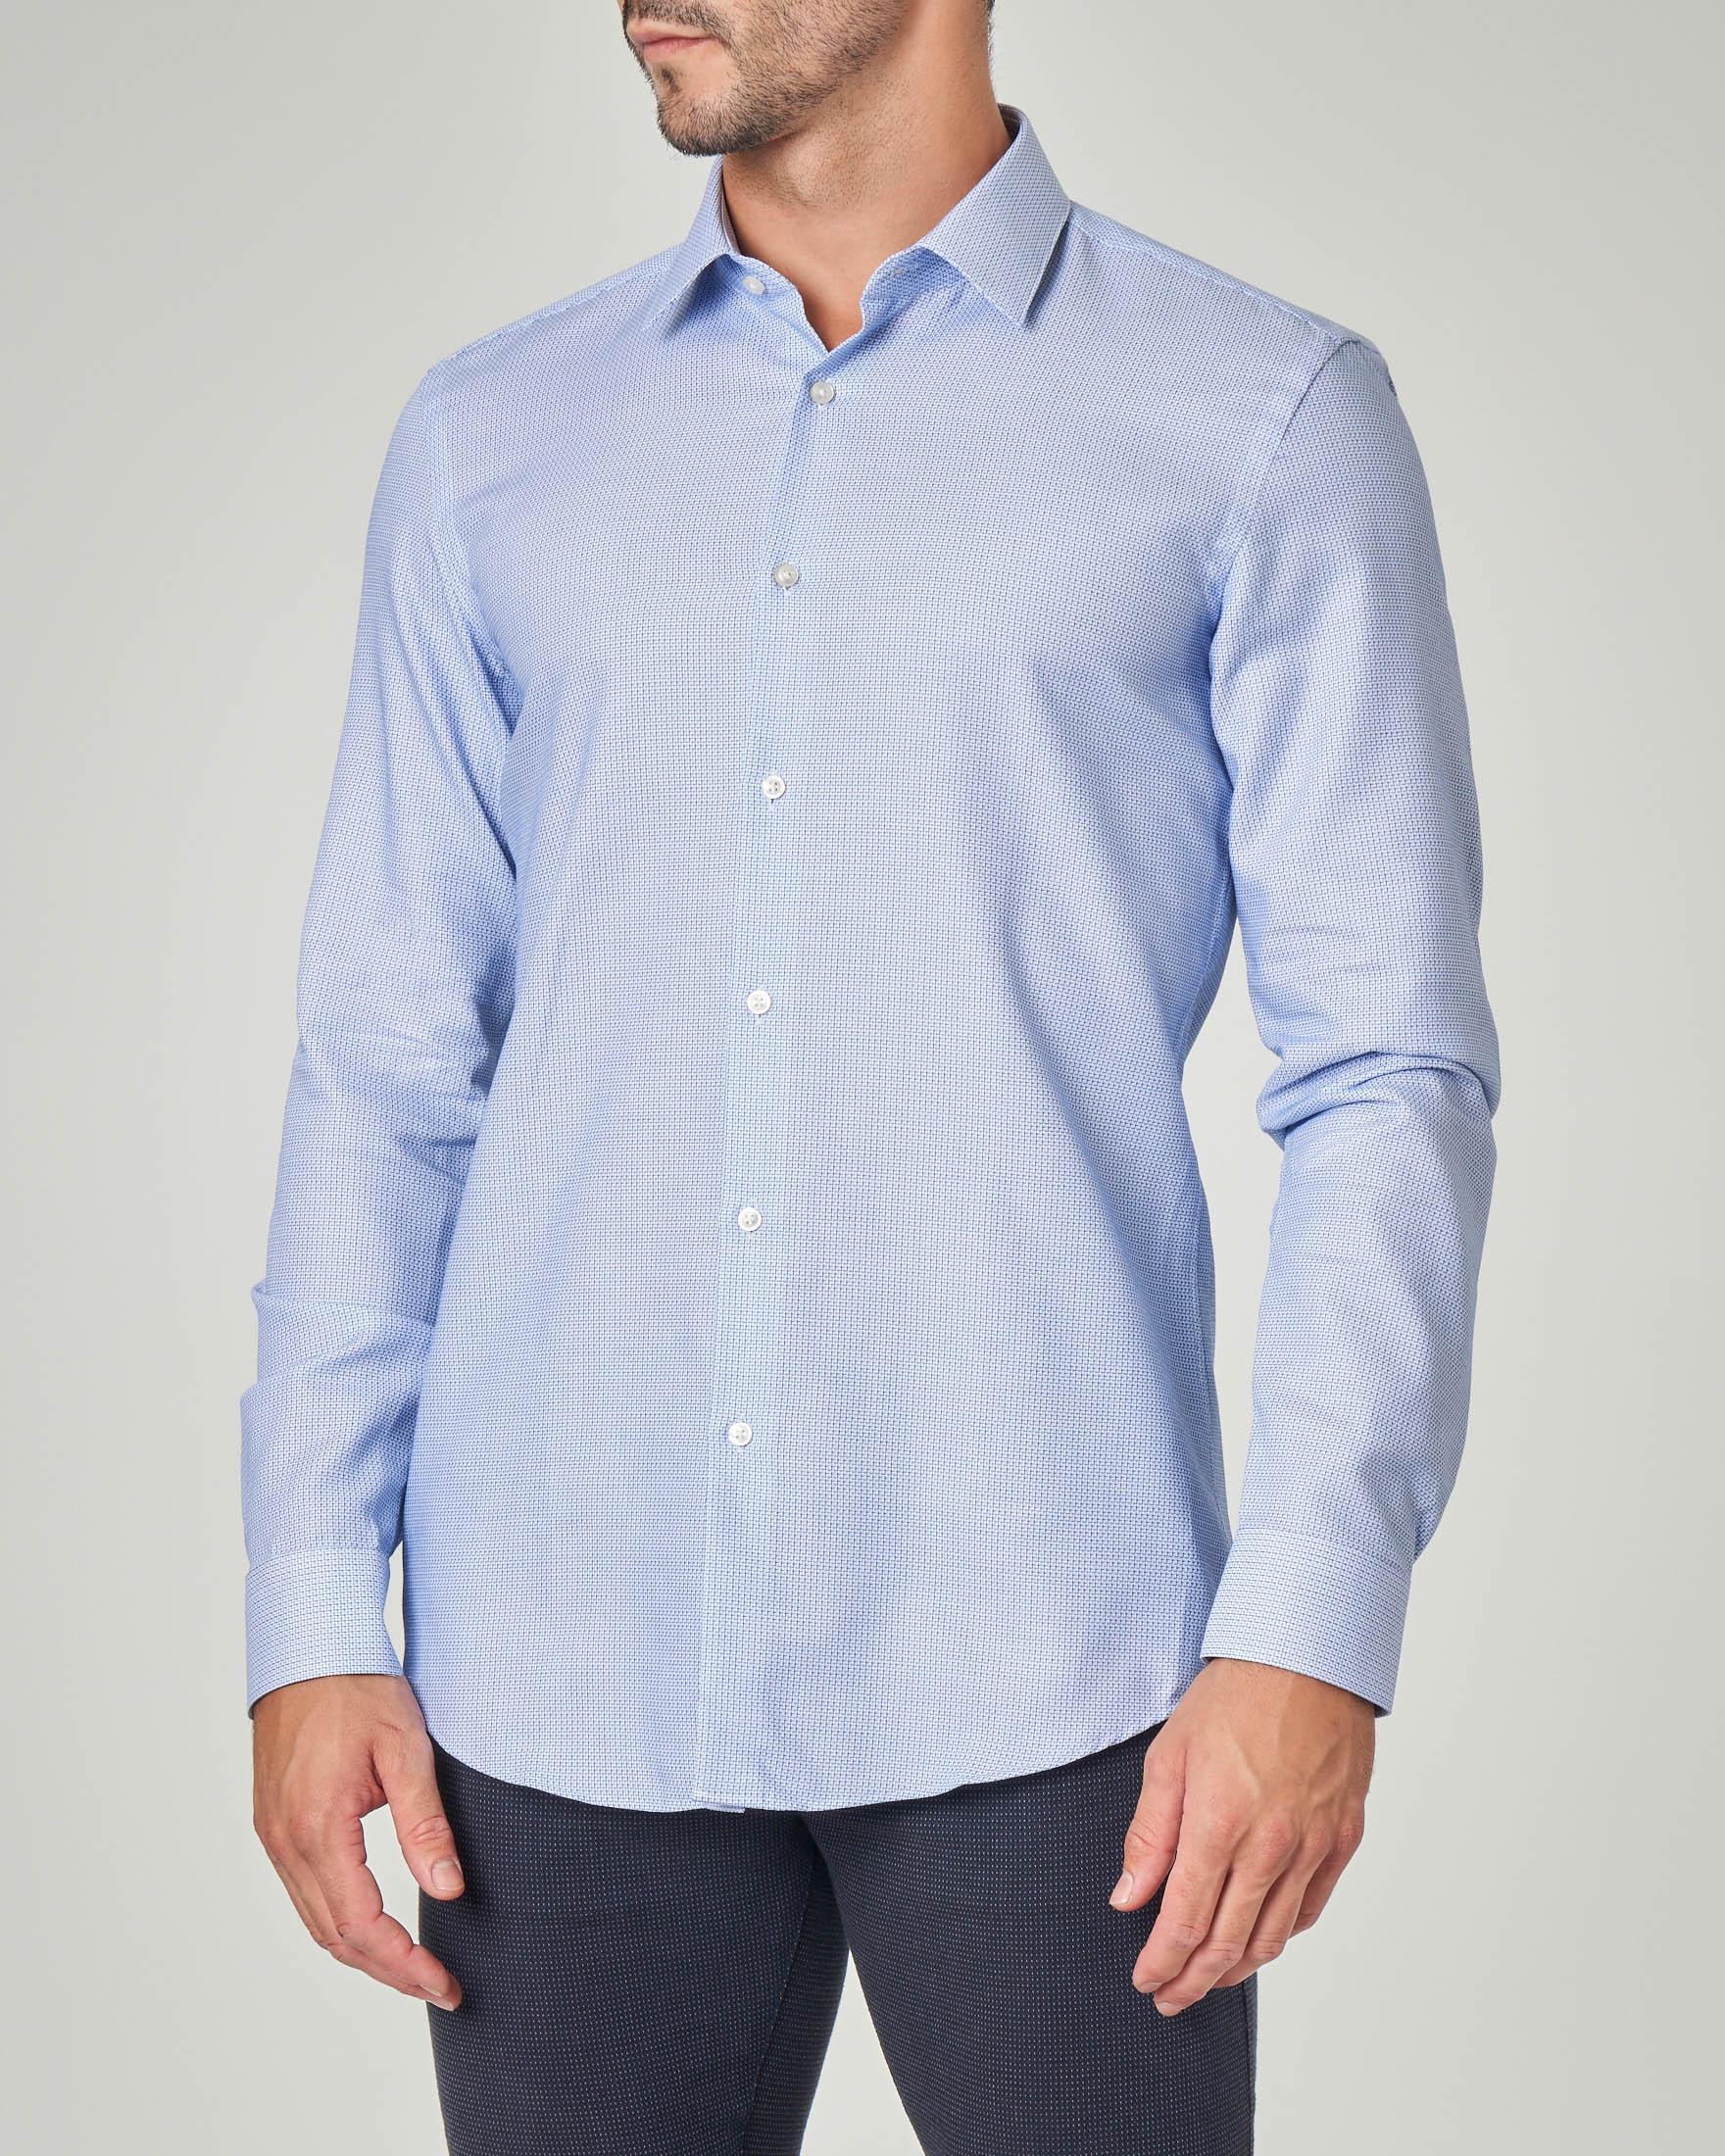 Camicia azzurra microarmatura con colletto all'italiana